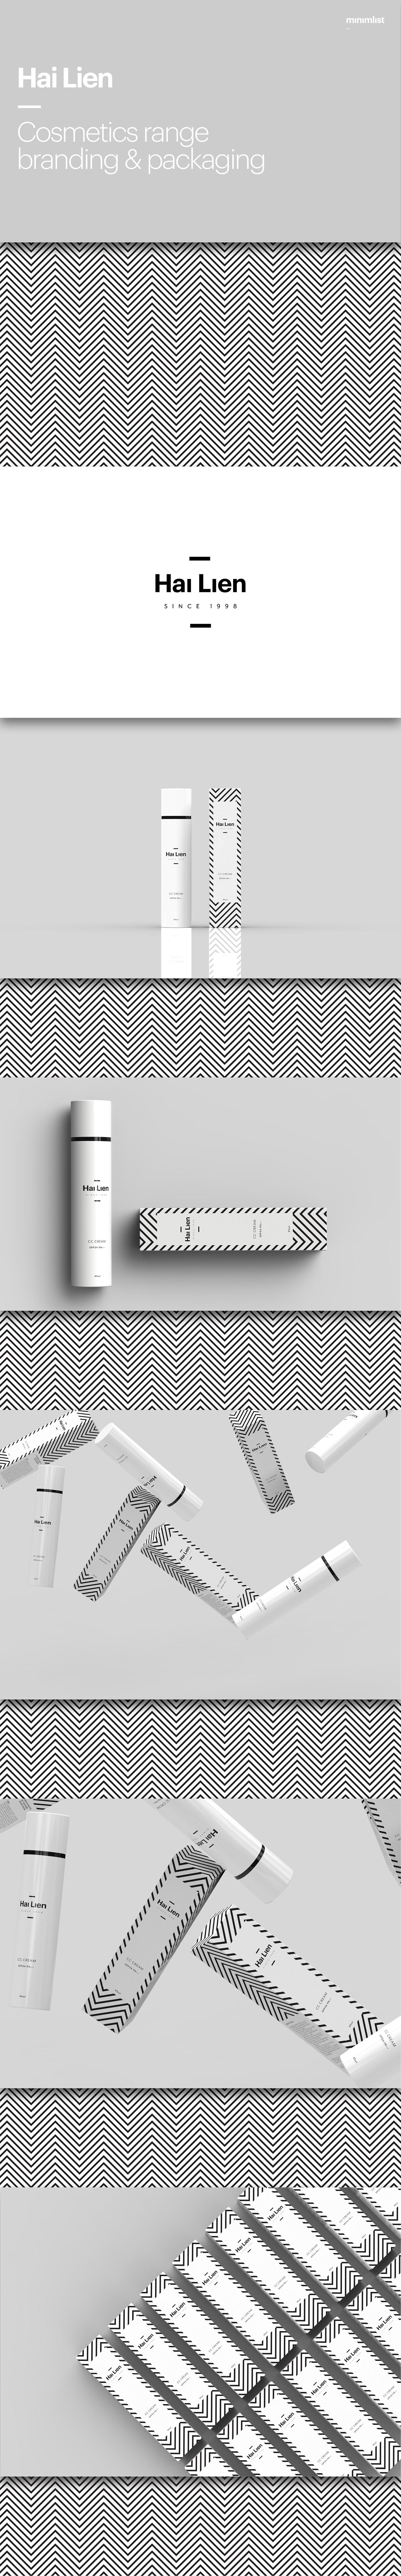 精緻的34套護膚品包裝設計欣賞